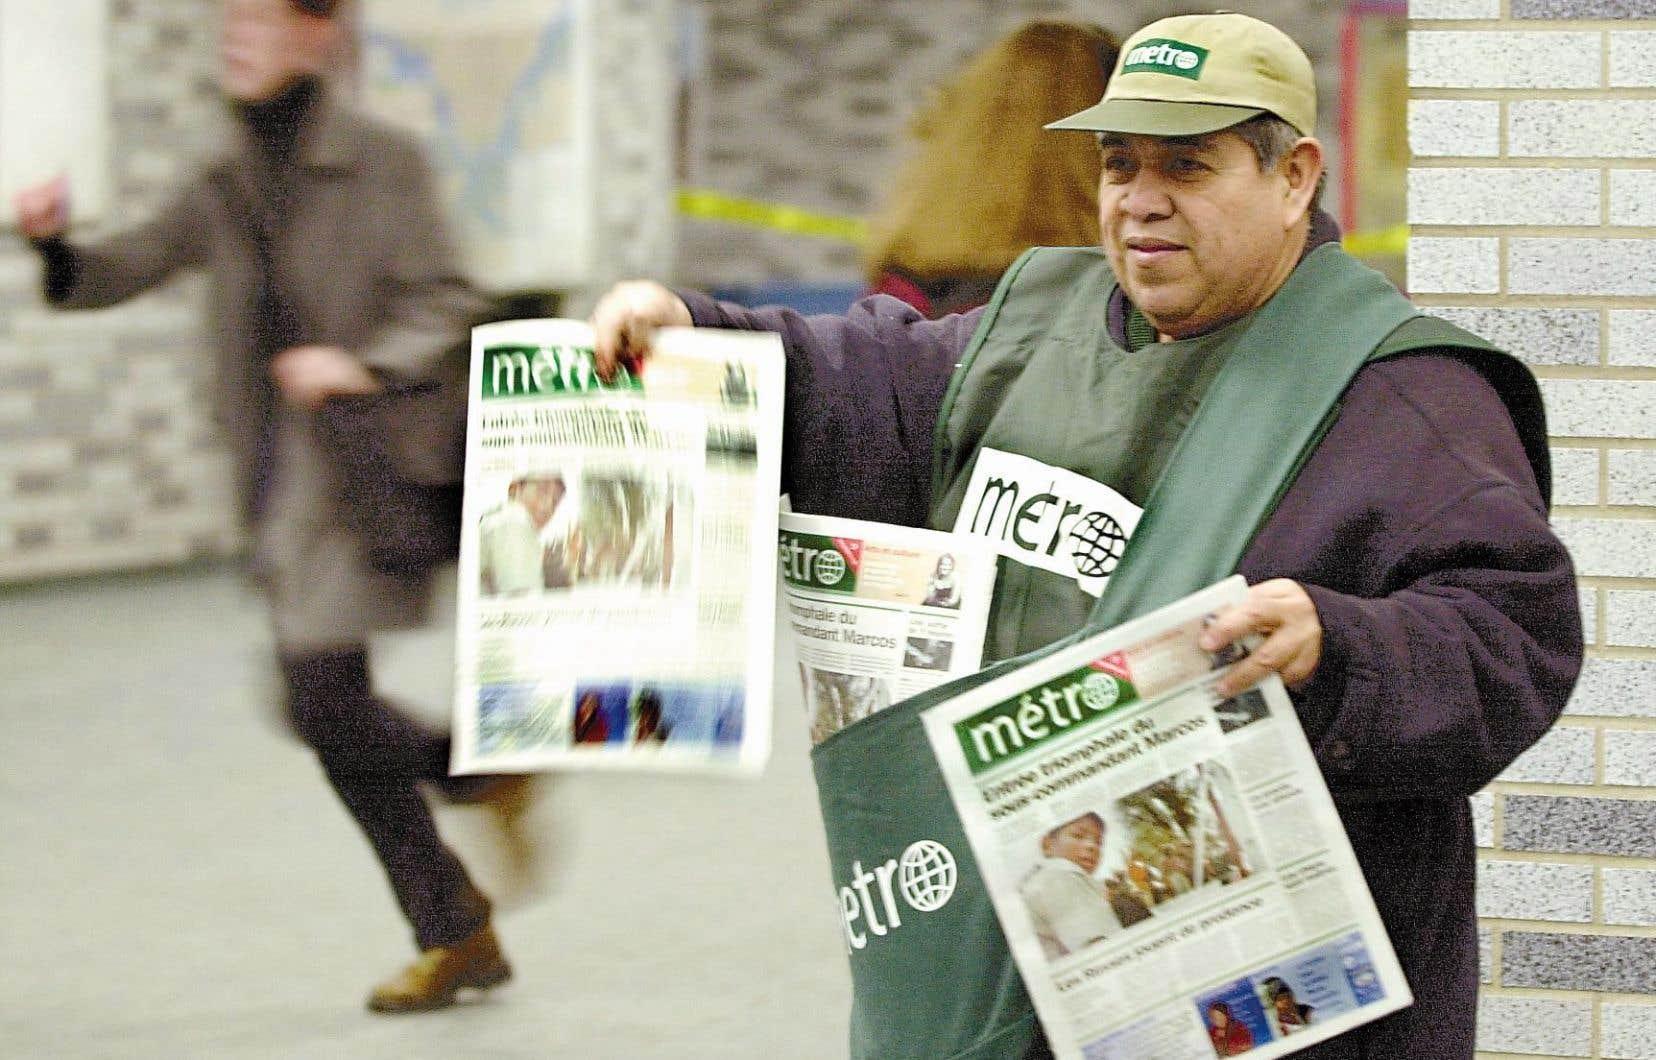 La décision de l'éditeur et imprimeur concerne 93 publications, dont le quotidien «Métro».